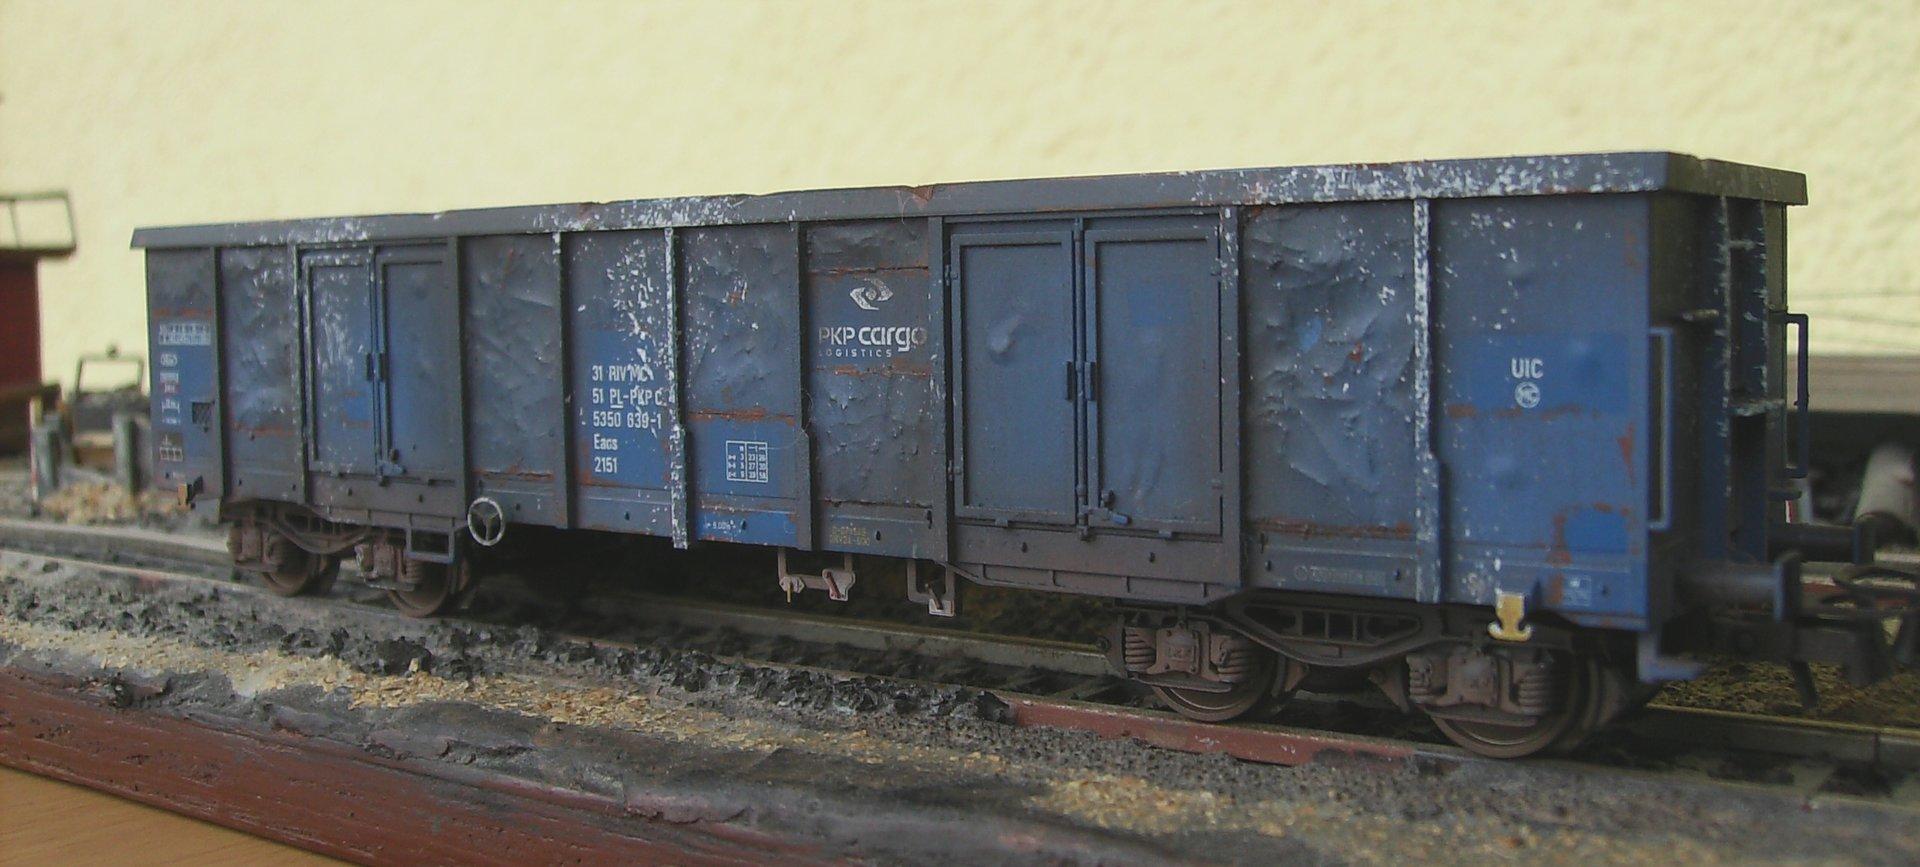 HPIM9475.JPG